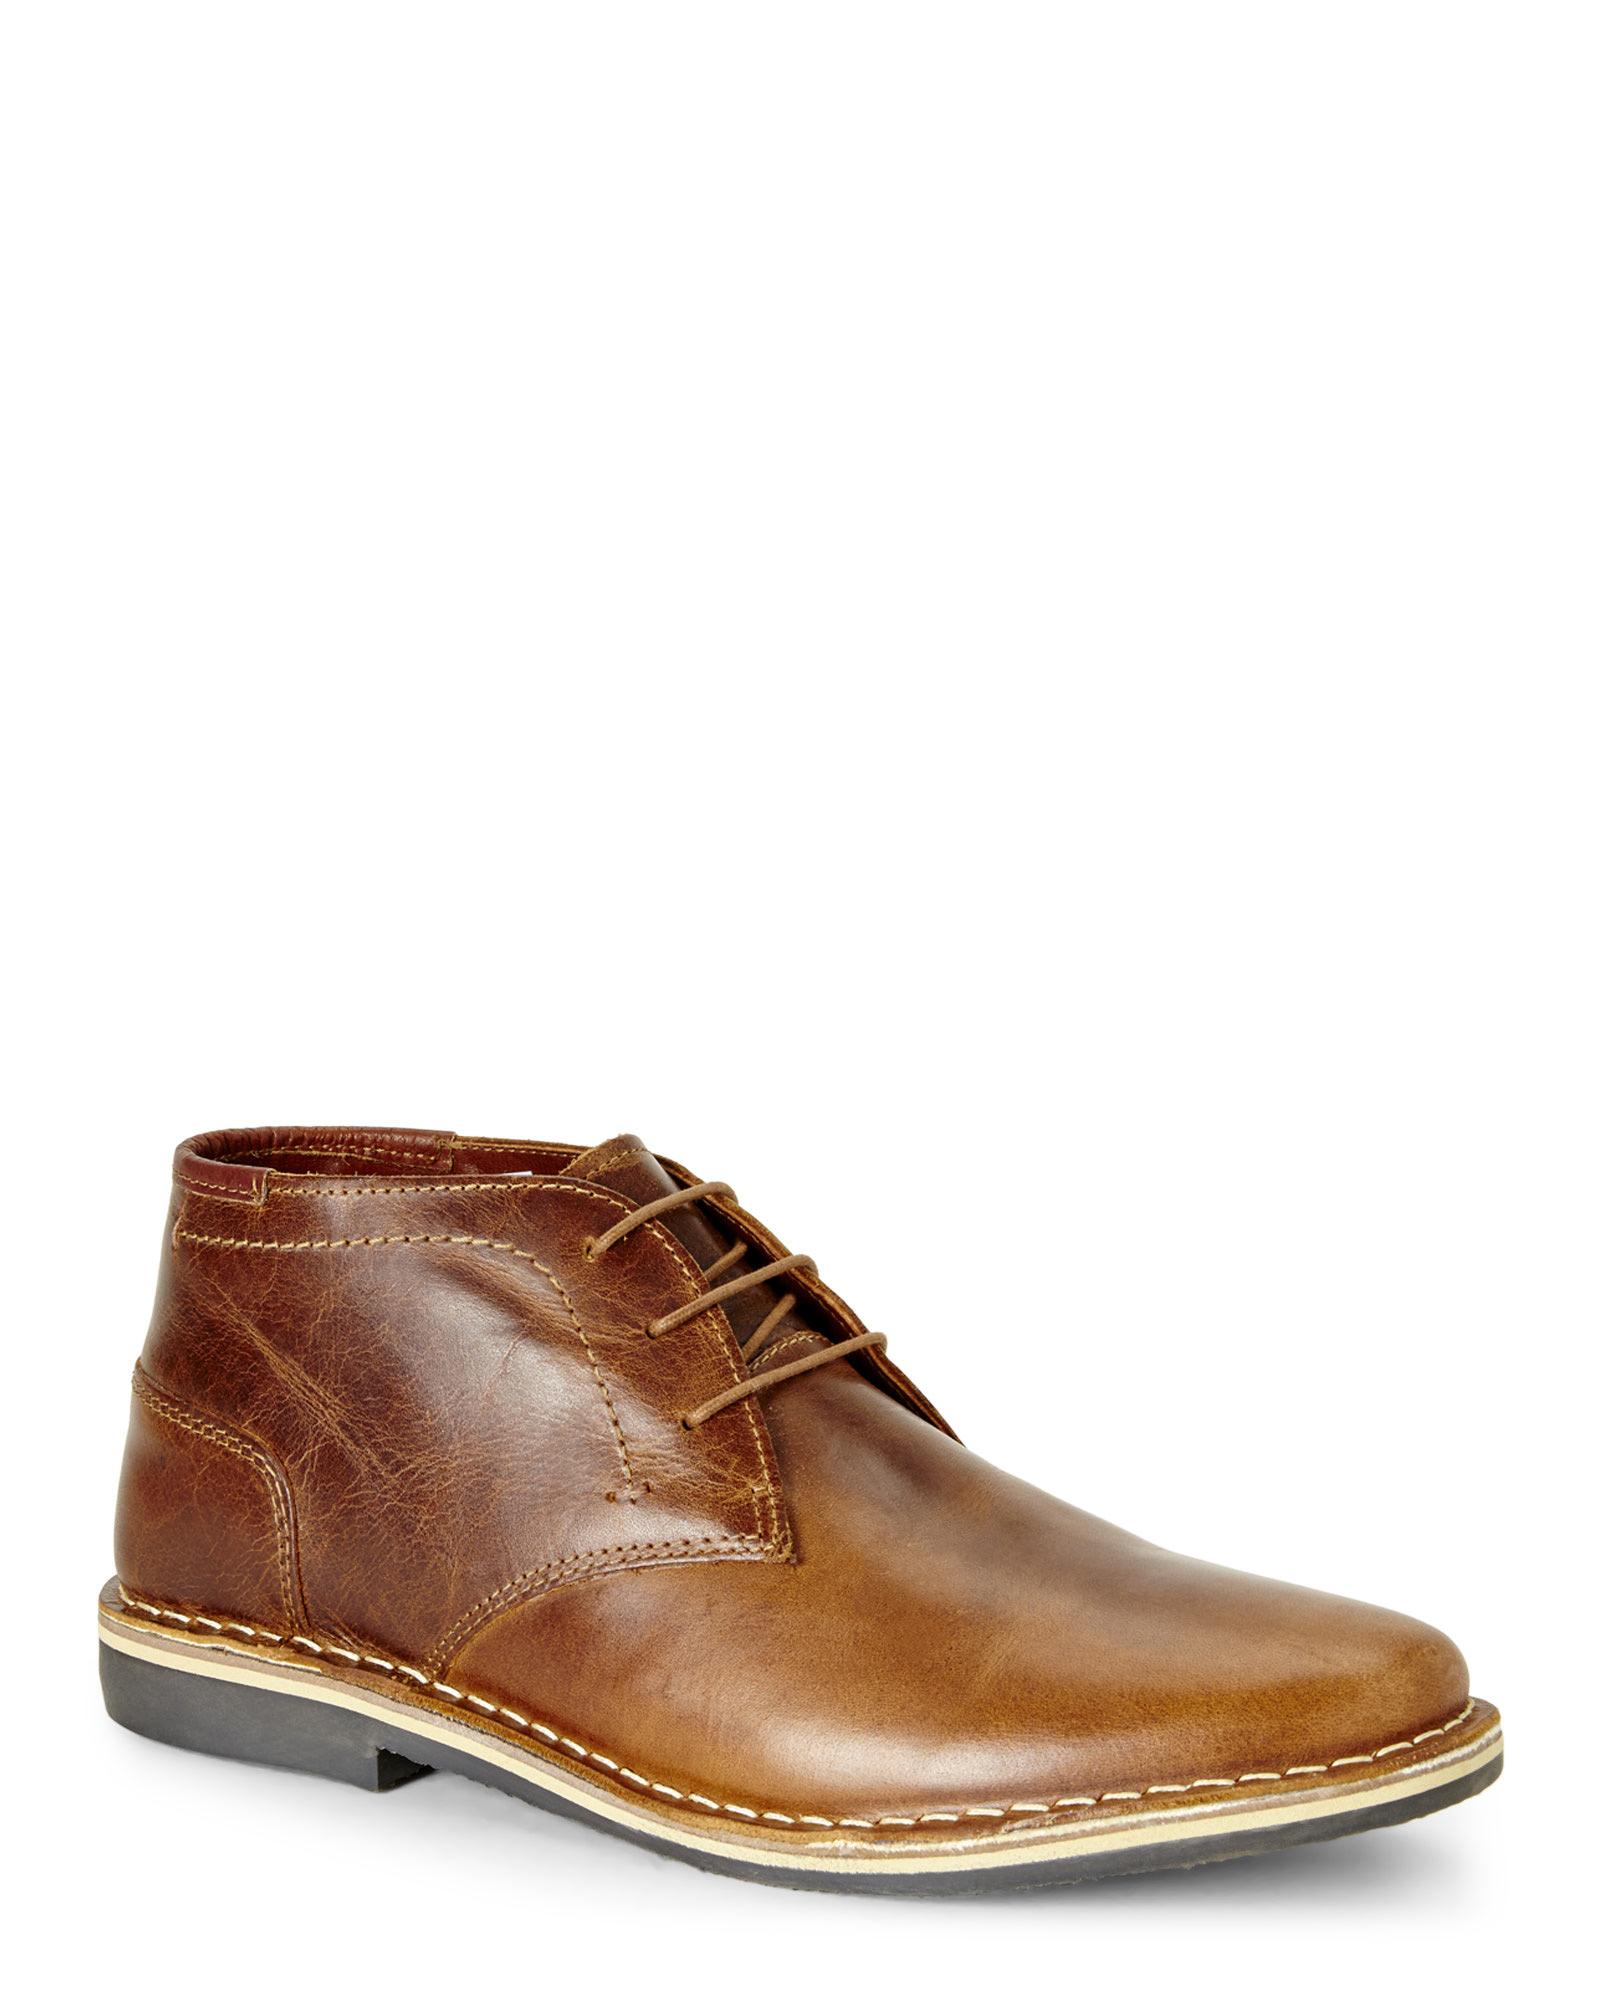 cae2441f3c4 Steve Madden Brown Cognac Harken Chukka Boots for men